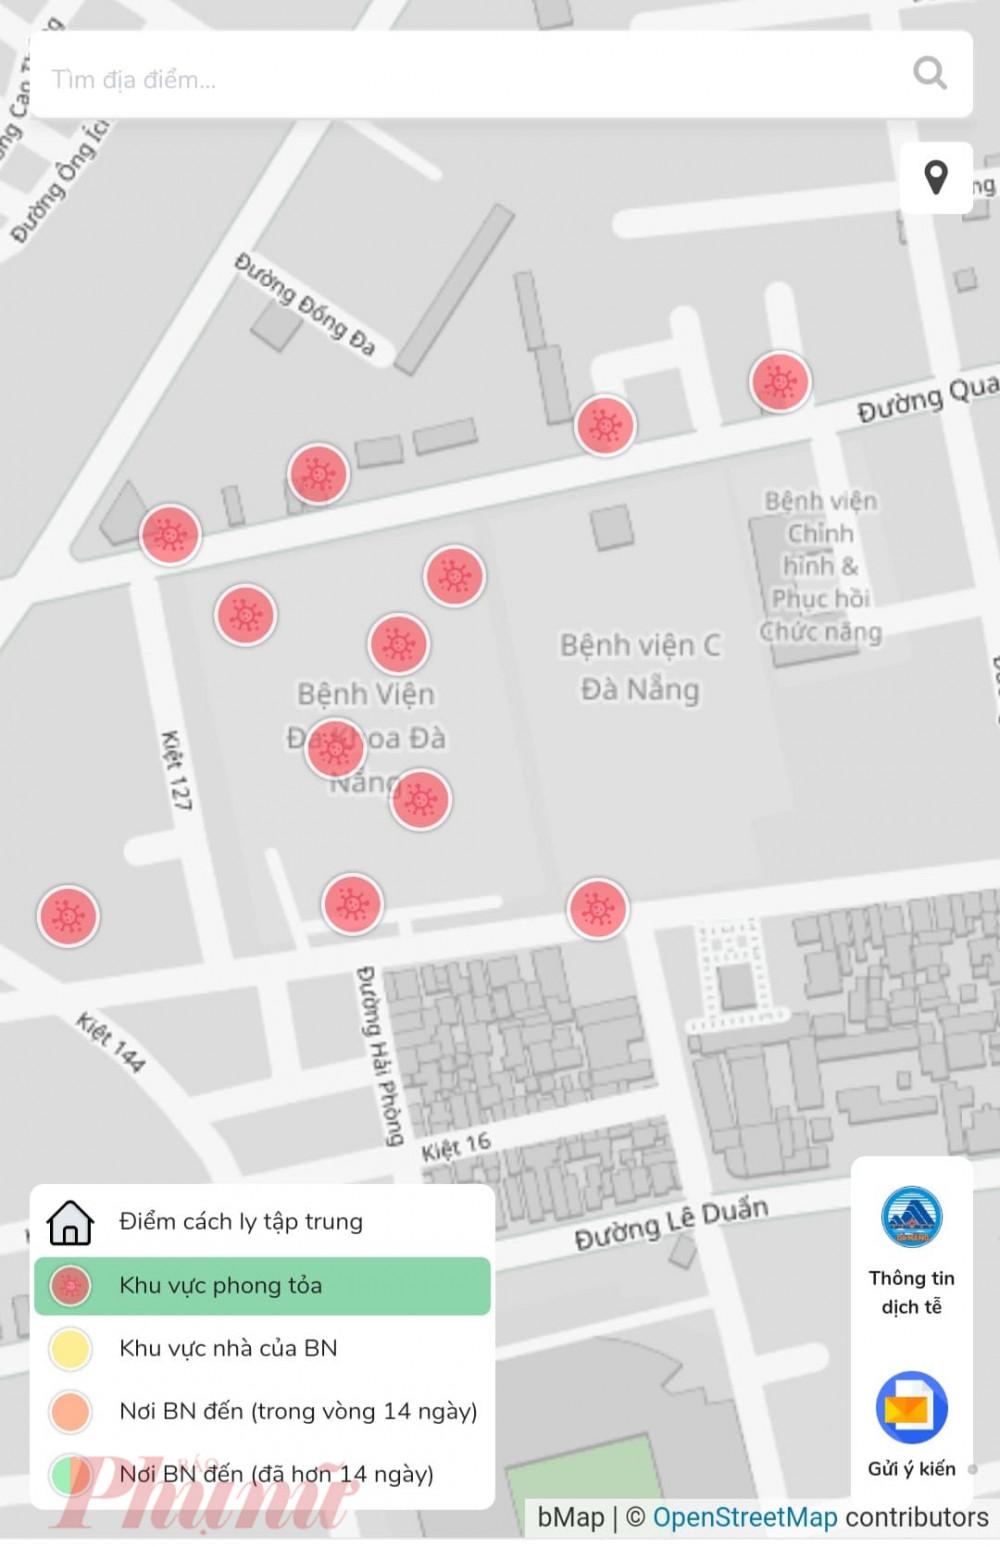 Chọn vào khu vực phong tỏa, bản đồ sẽ hiển thị các vùng phong tỏa ở thành phố